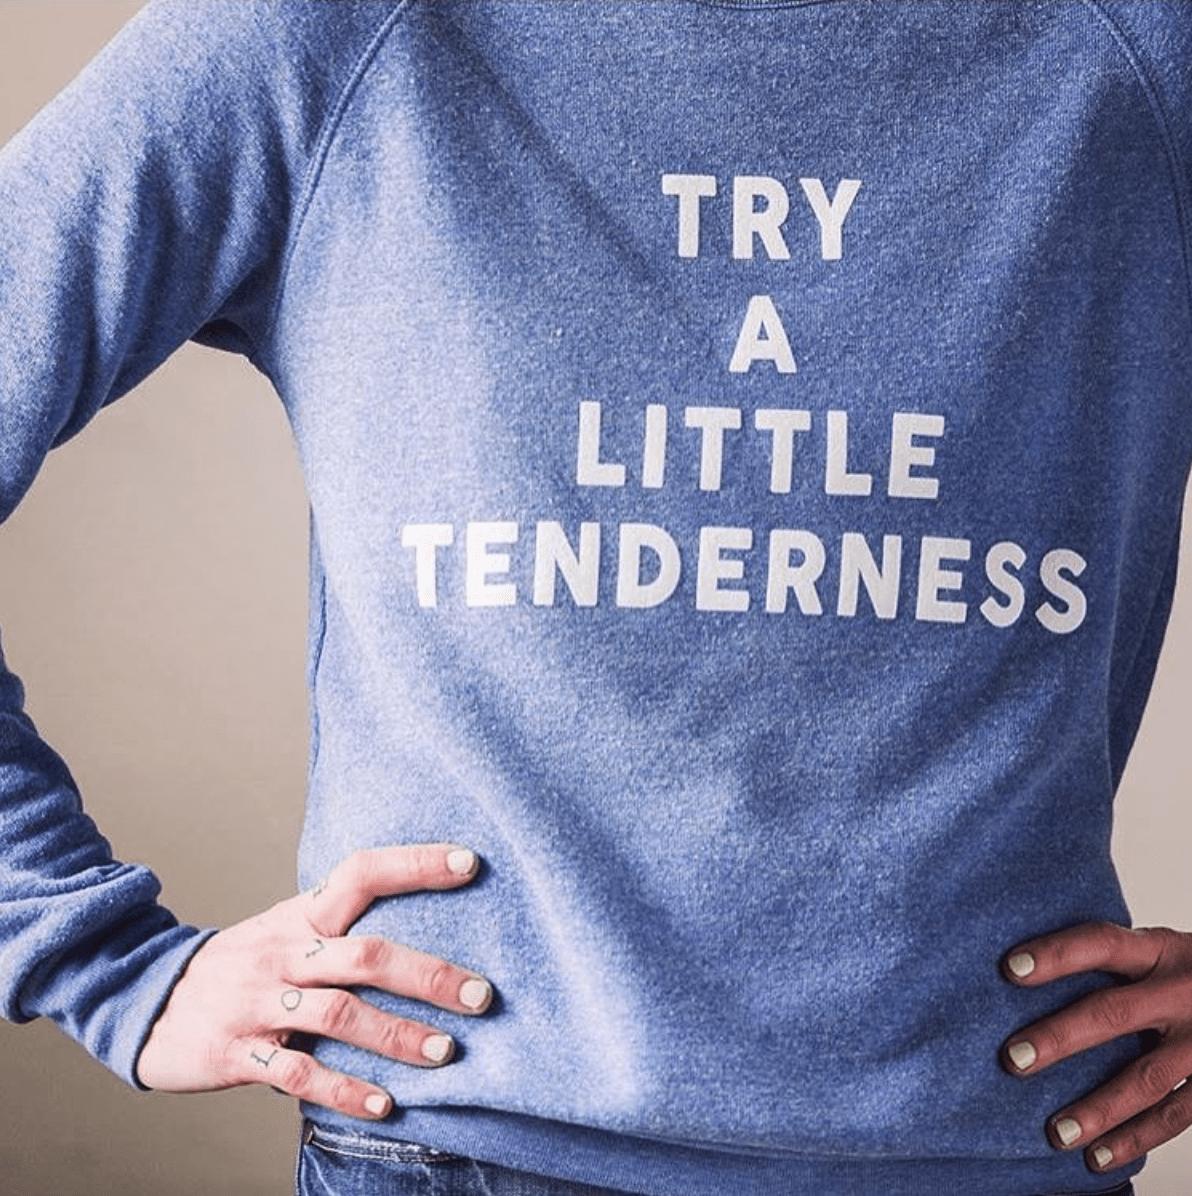 TRY A LITTLE TENDERNESS SHIRT